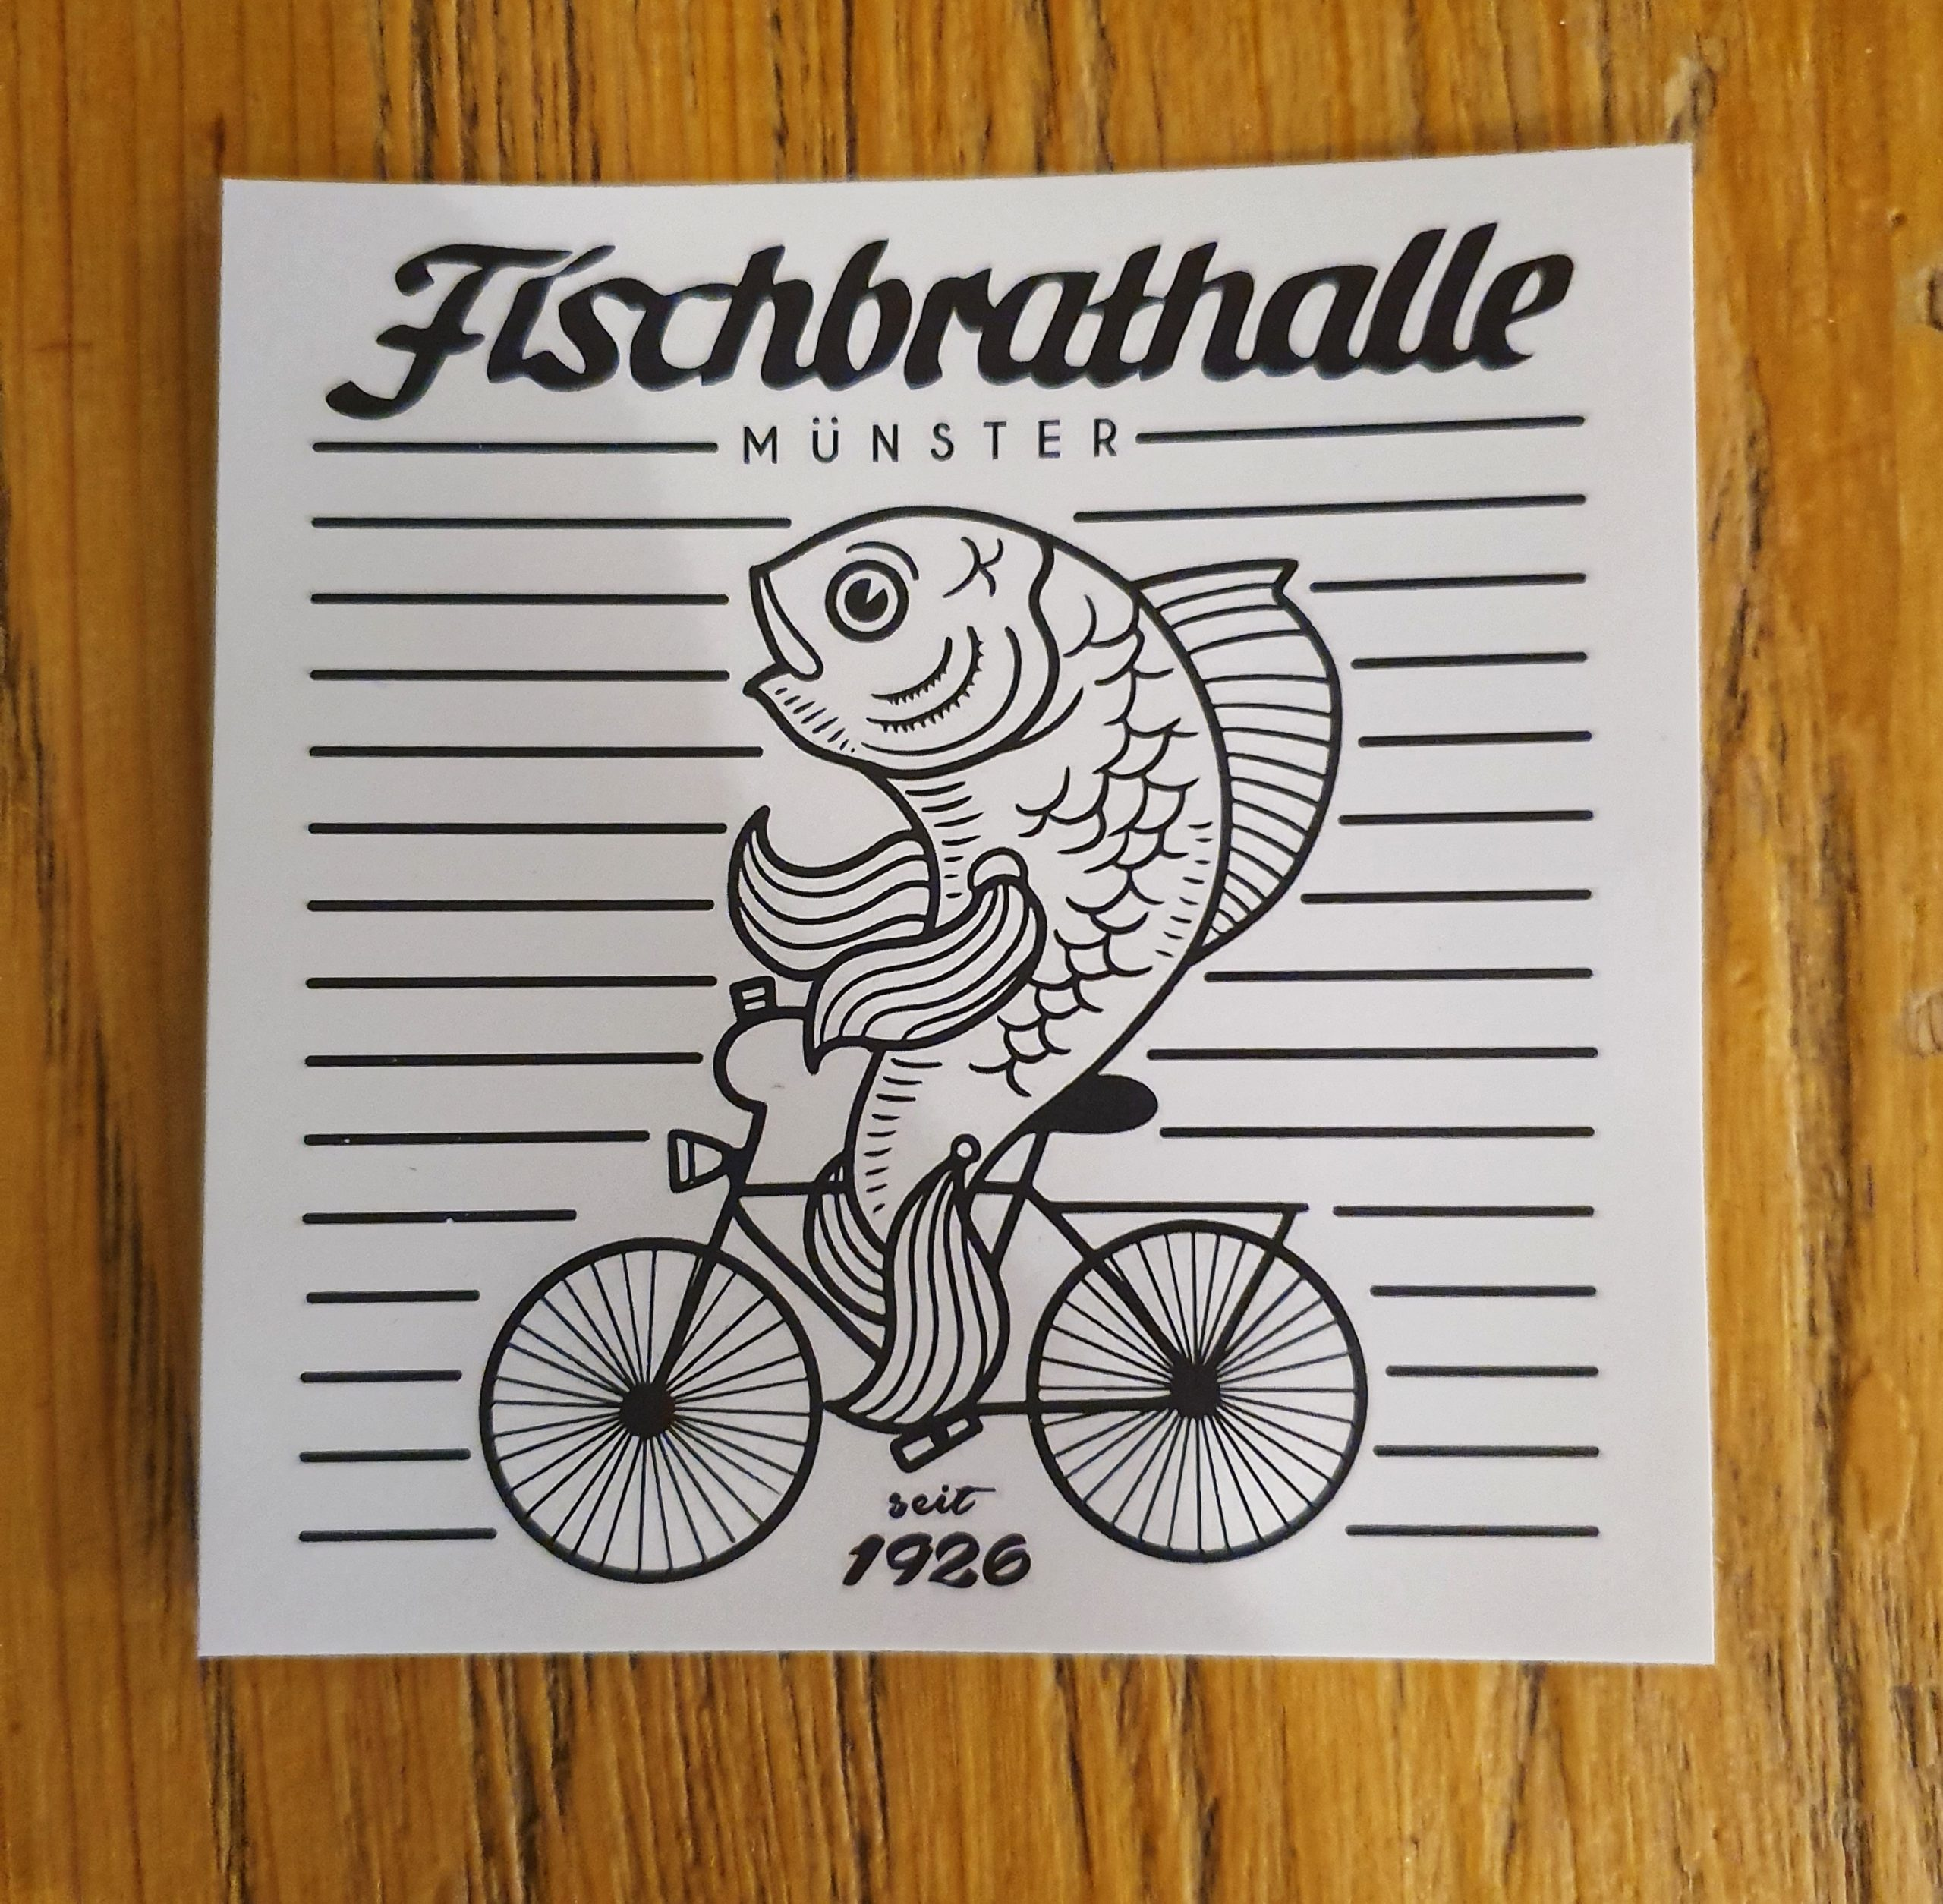 Fischbrathalle Münster 6